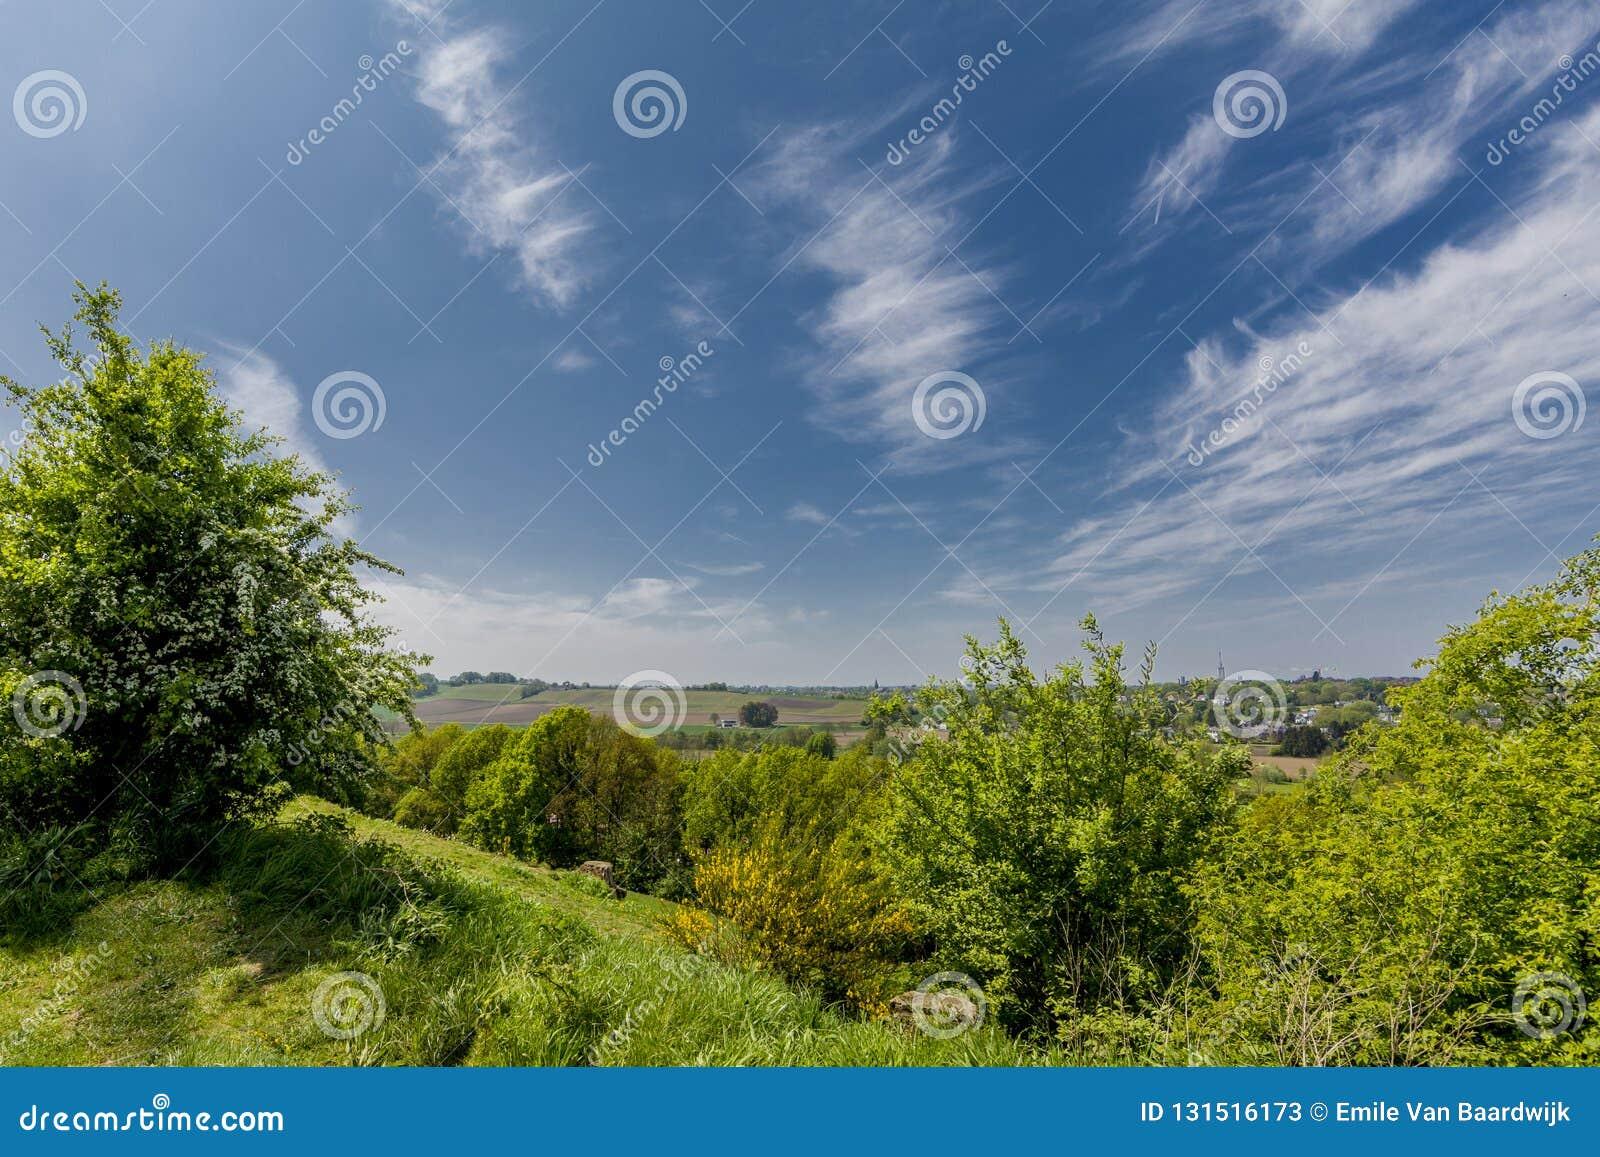 Überraschendes Bild der Natur an einem wunderbaren sonnigen Tag